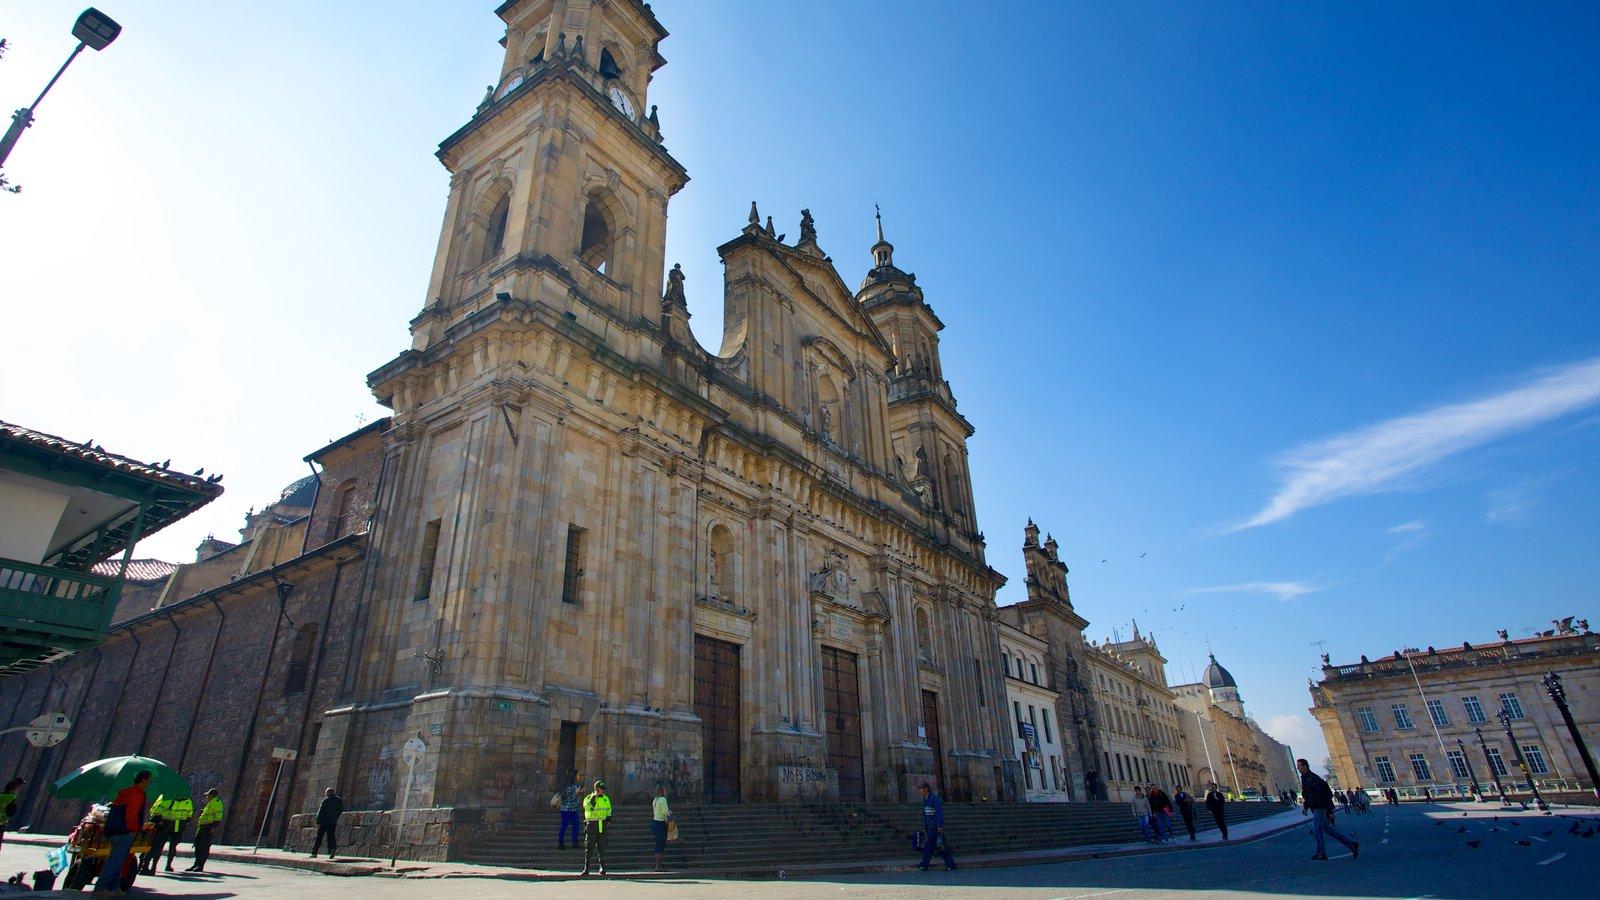 Catedral Primada mostrando arquitetura de patrimônio, uma cidade e cenas de rua